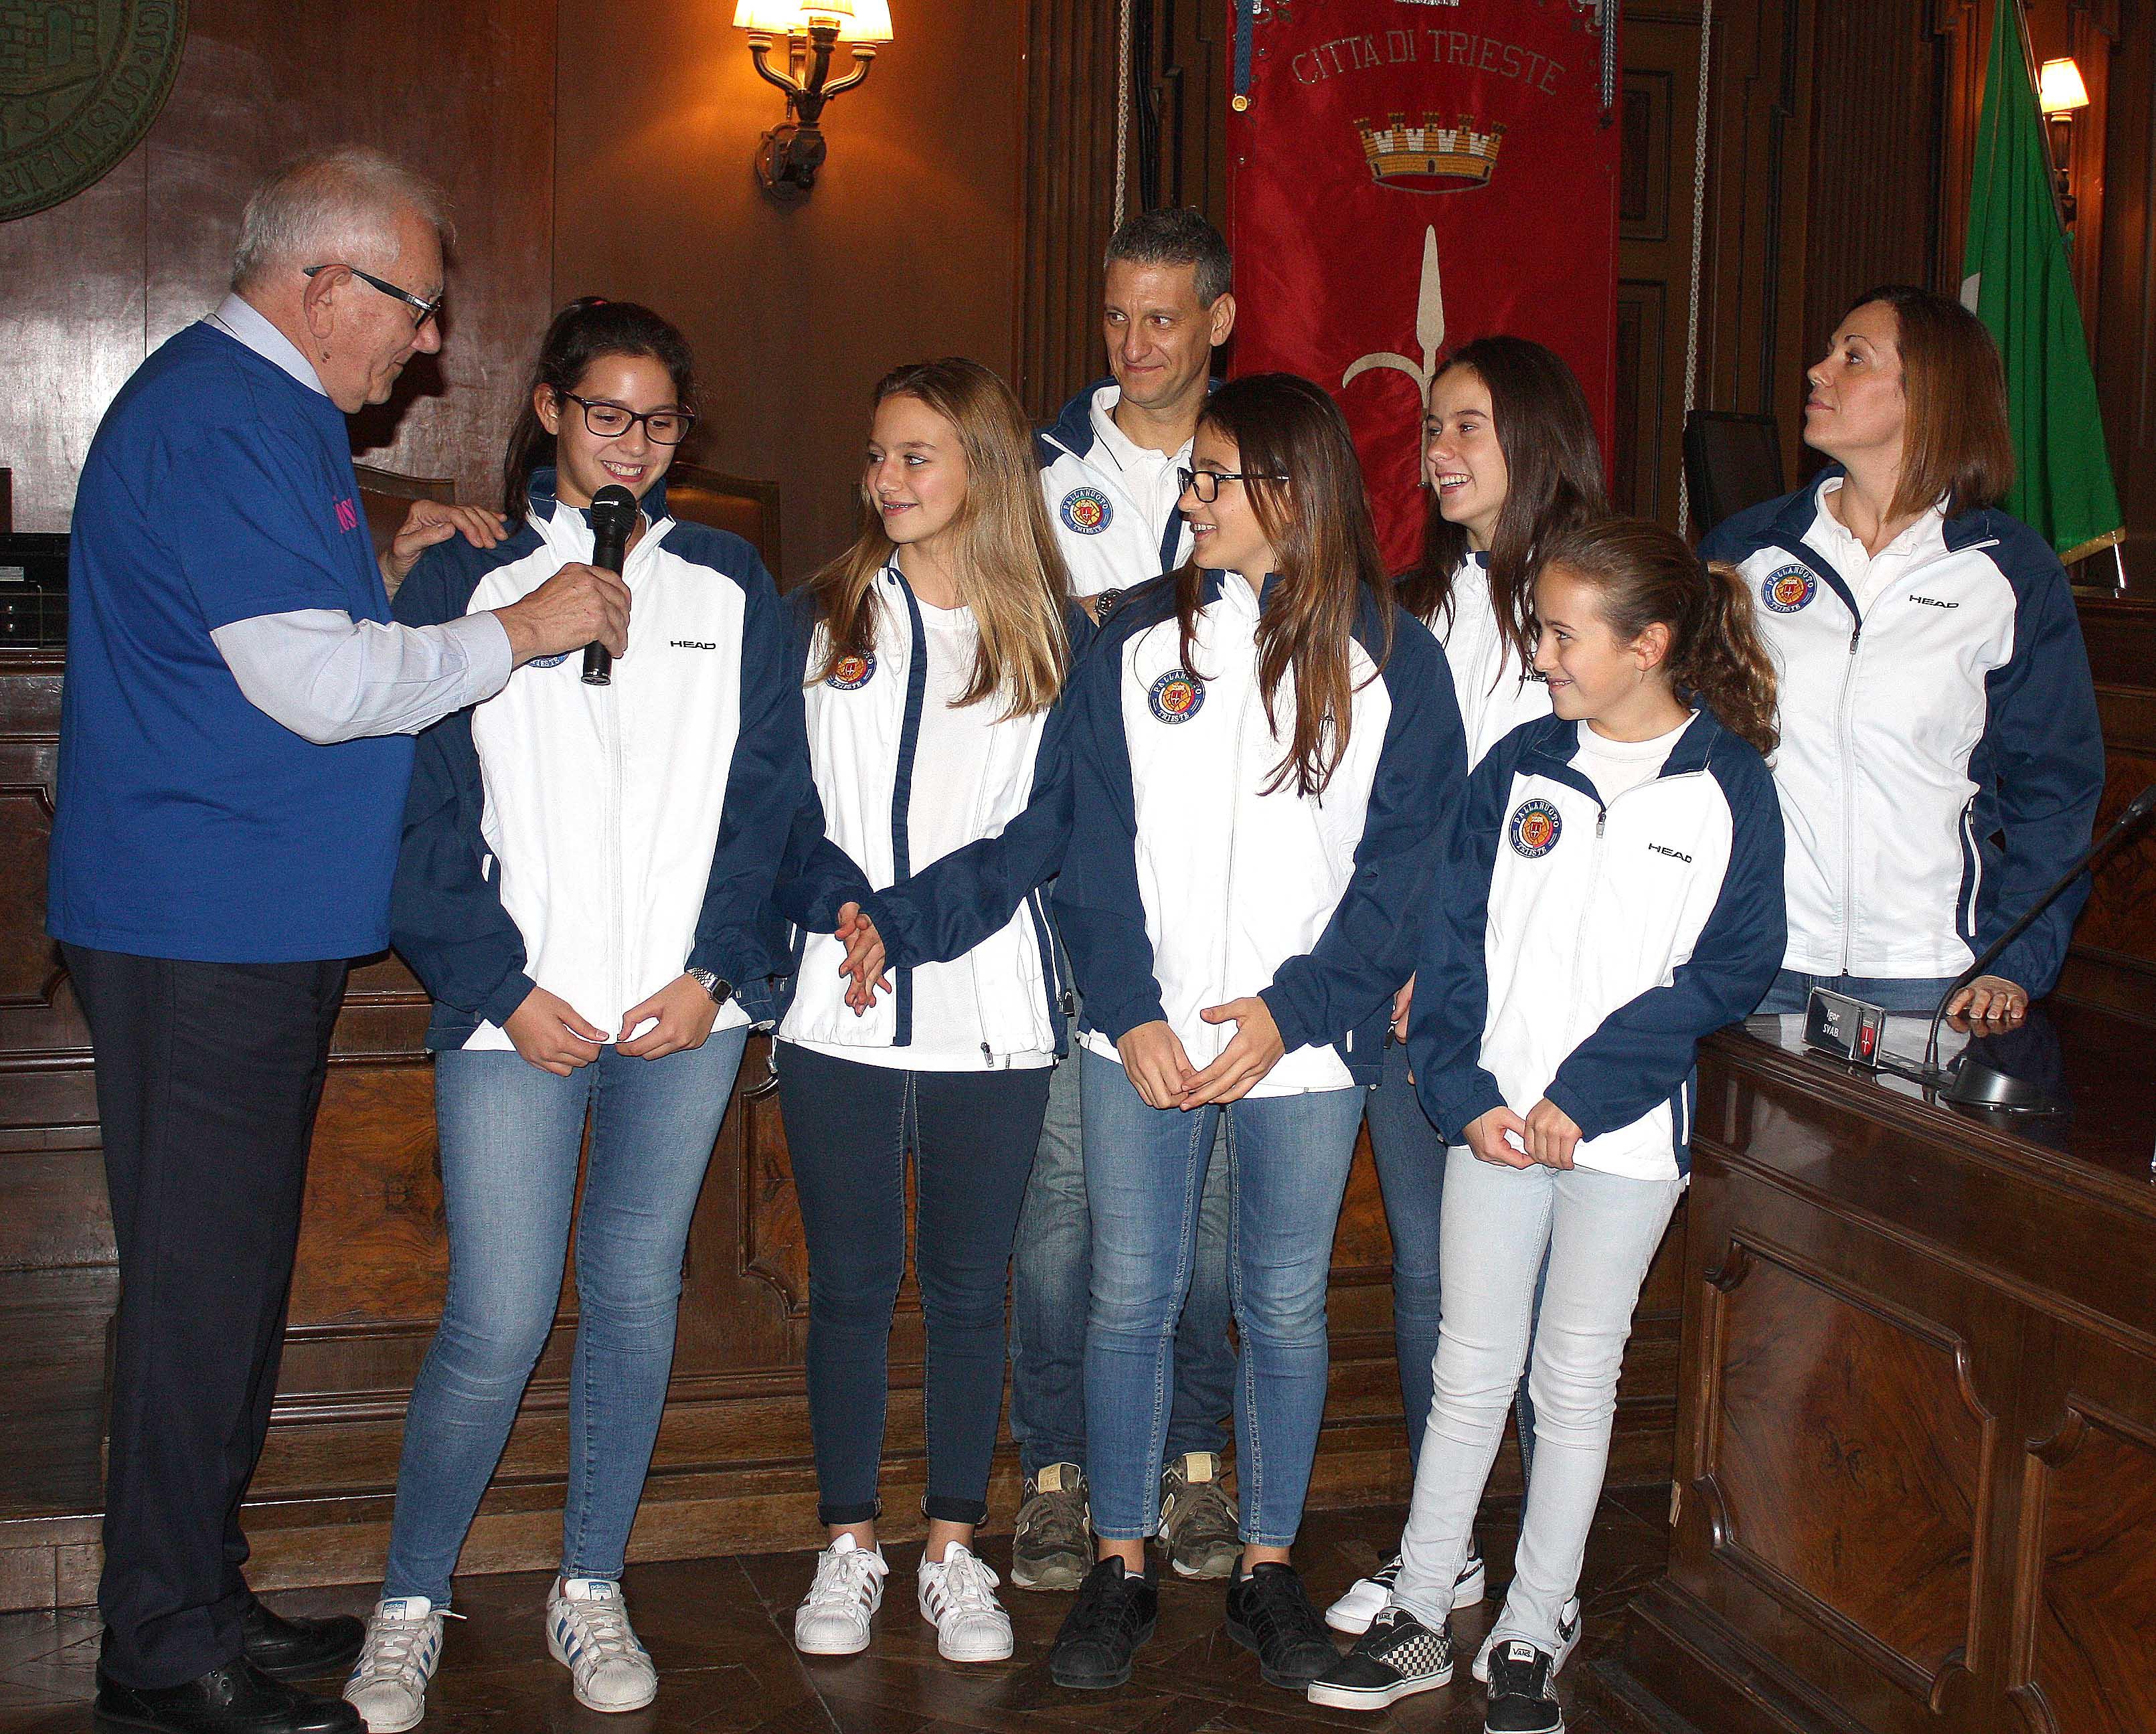 Le orchette della Pallanuoto Trieste premiate in Comune per il terzo posto alle finali scudetto Under 15 femminile